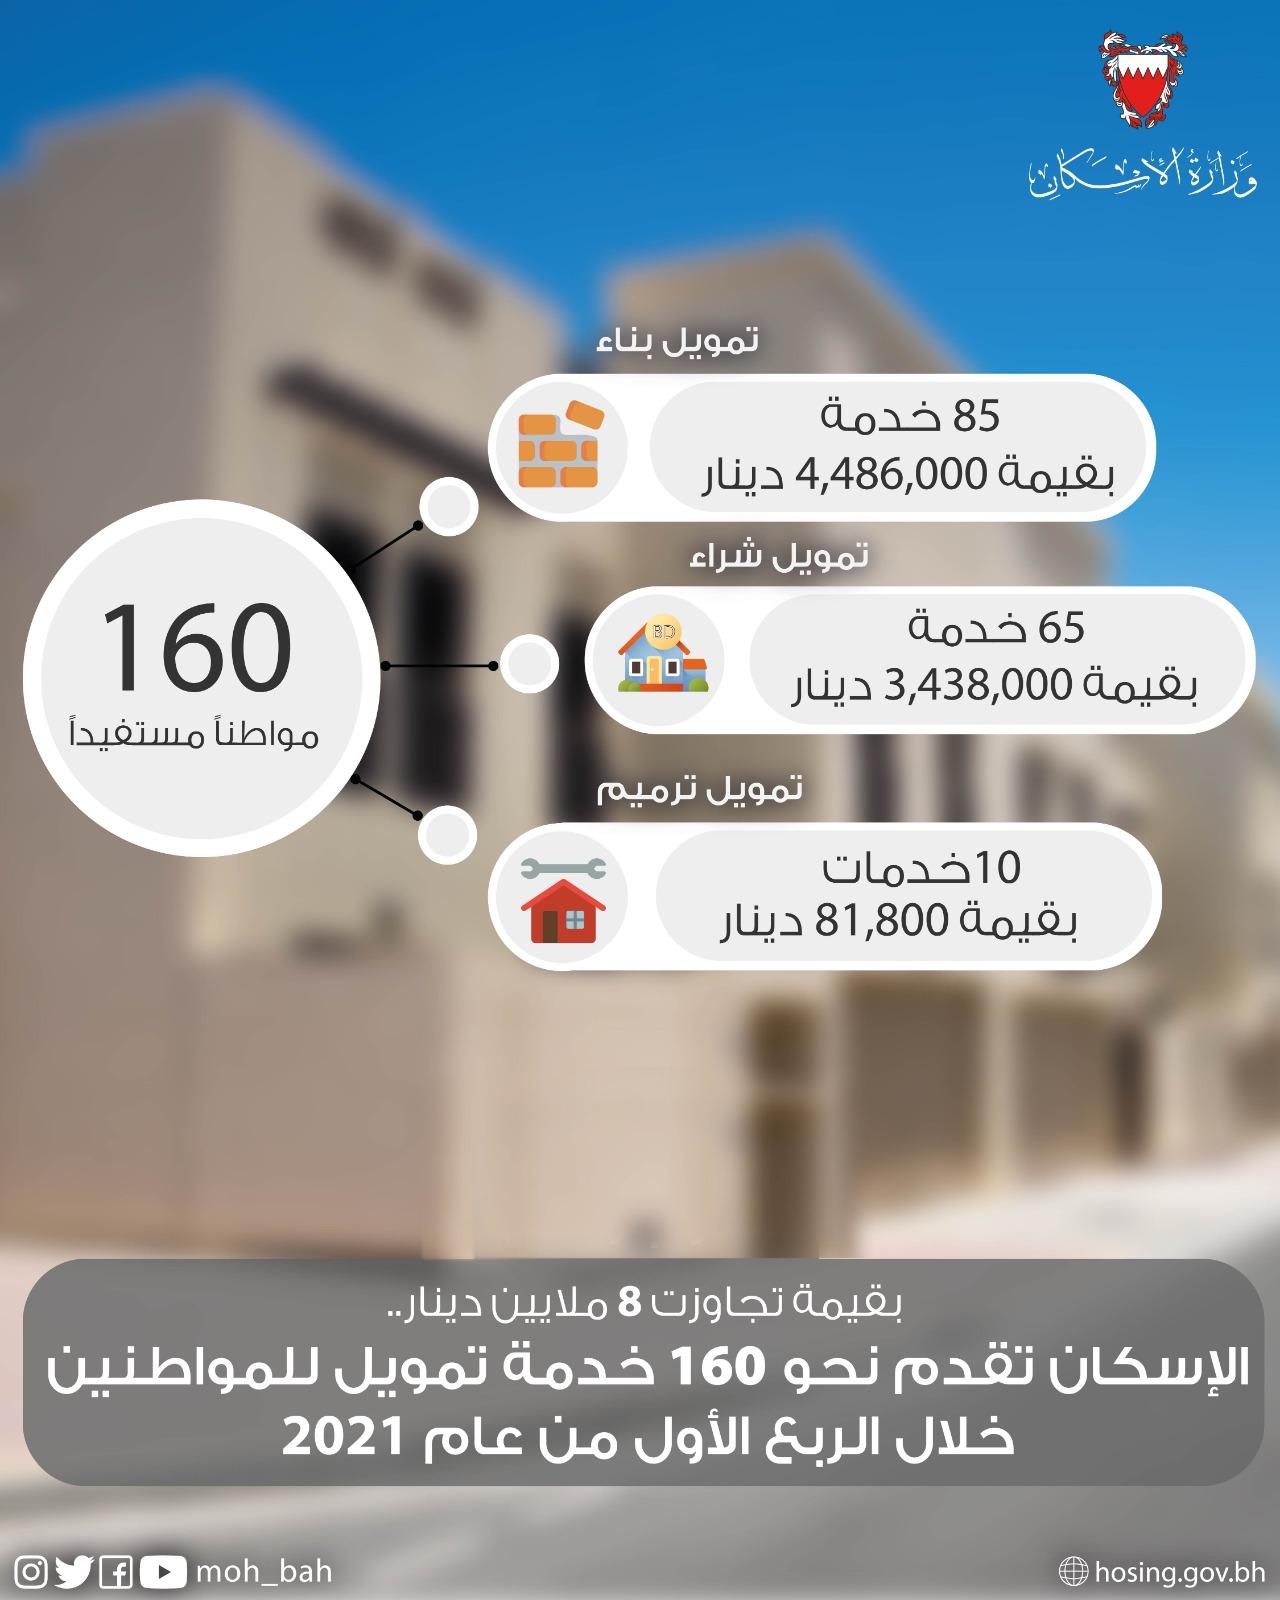 الإسكان تقدم نحو 160 خدمة تمويل للمواطنين خلال الربع الأول من عام 2021